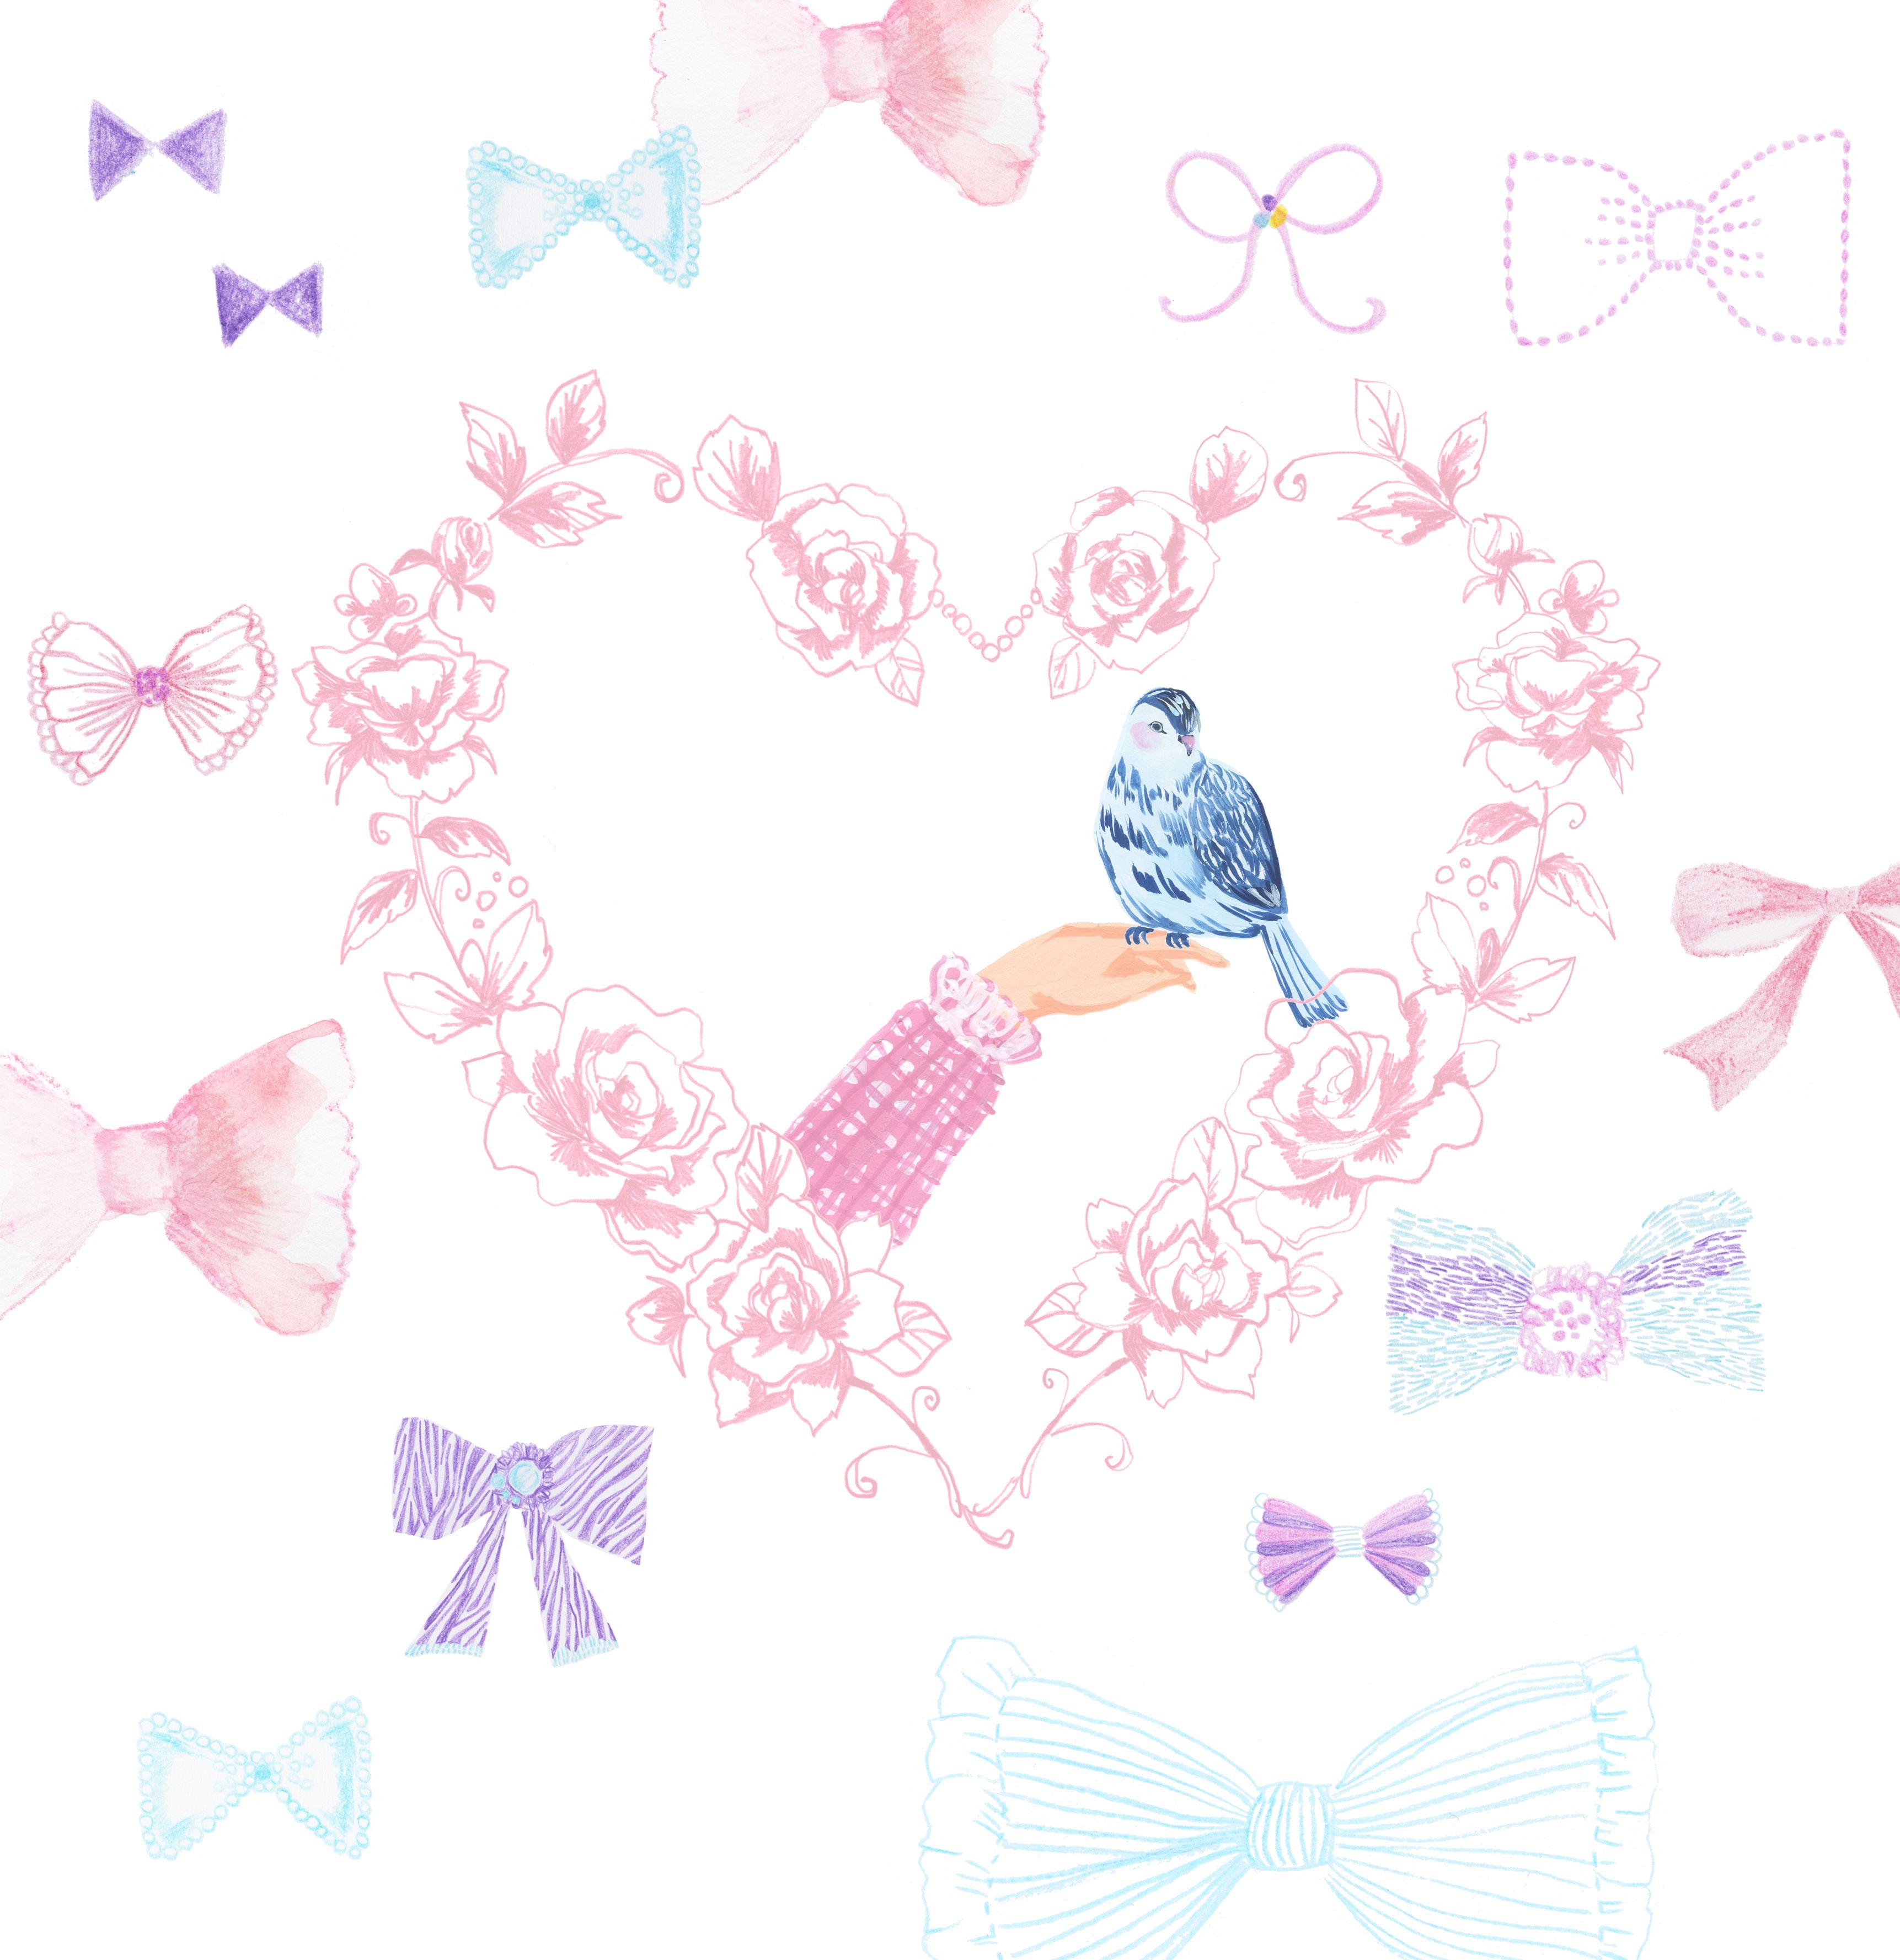 animal #frame #枠 #動物 #広告 #花 #flower #デザイン #お洒落